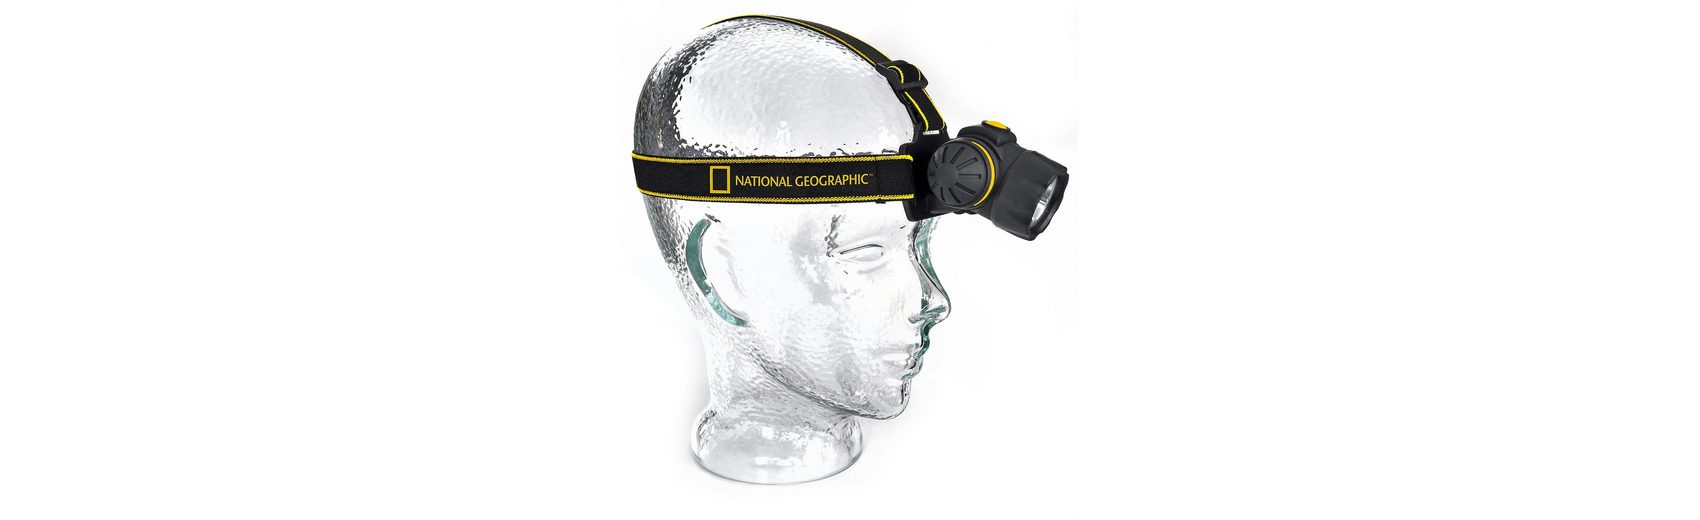 Bresser National Geographic LED Stirnlampe